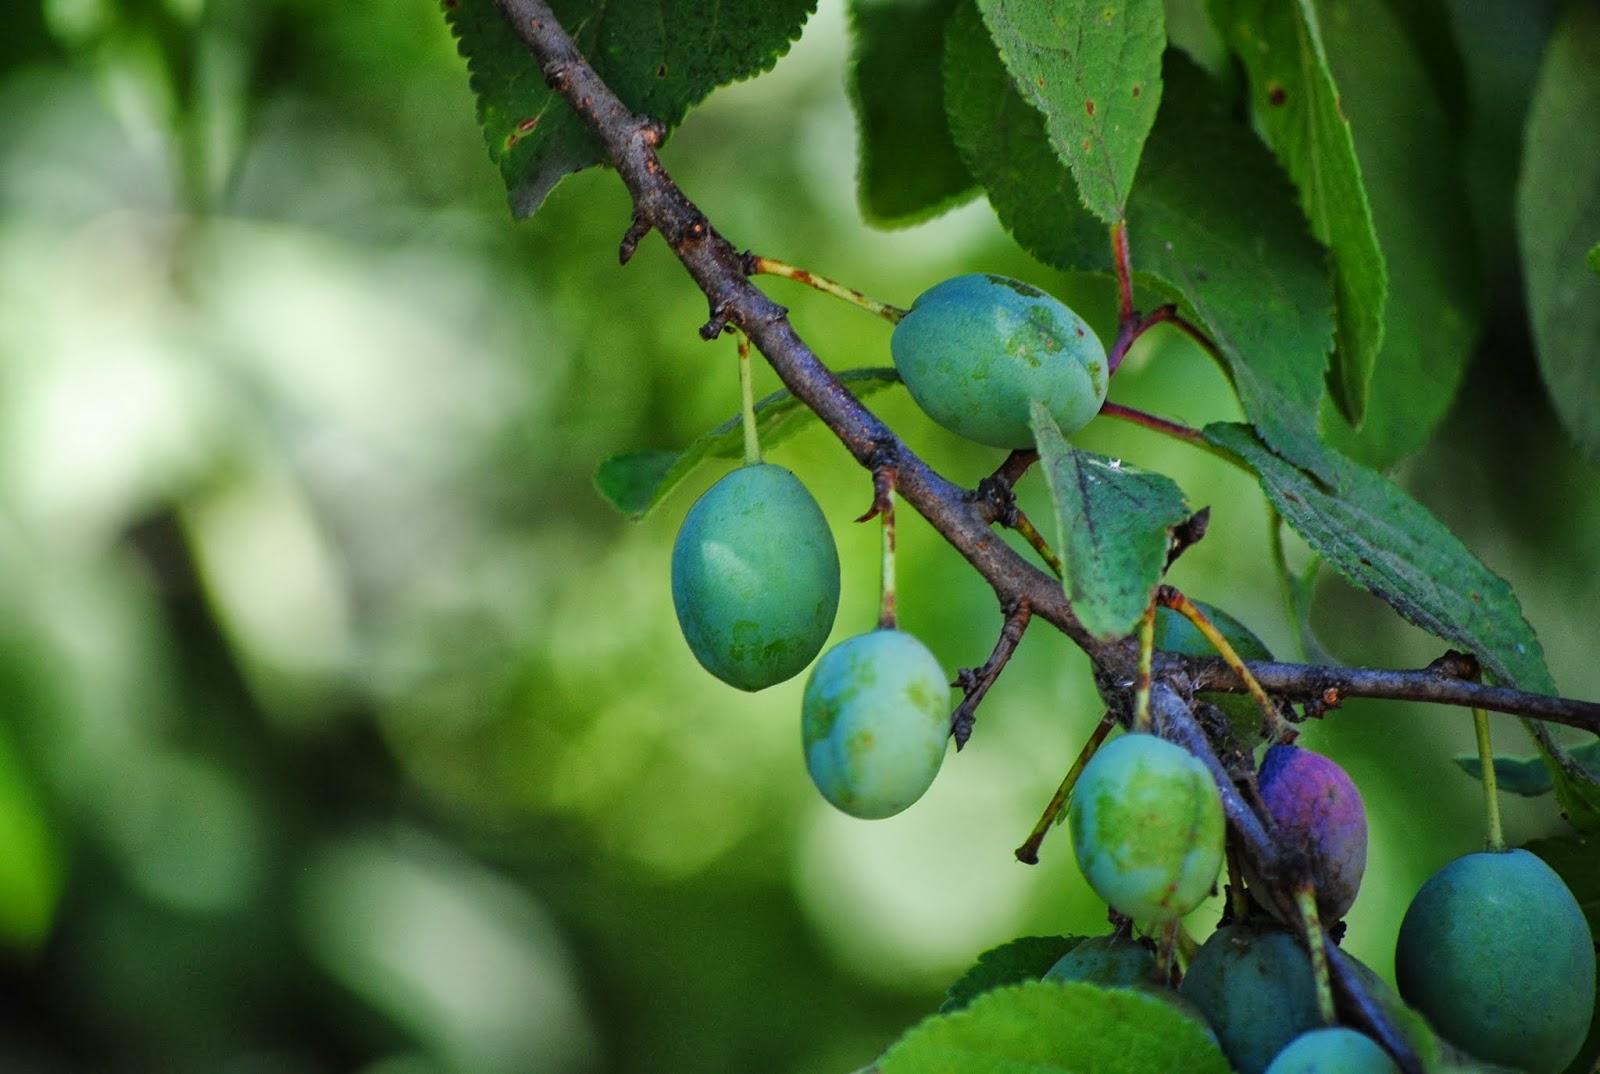 Что делать если слива сбрасывает плоды, причины возникновения и как лечить